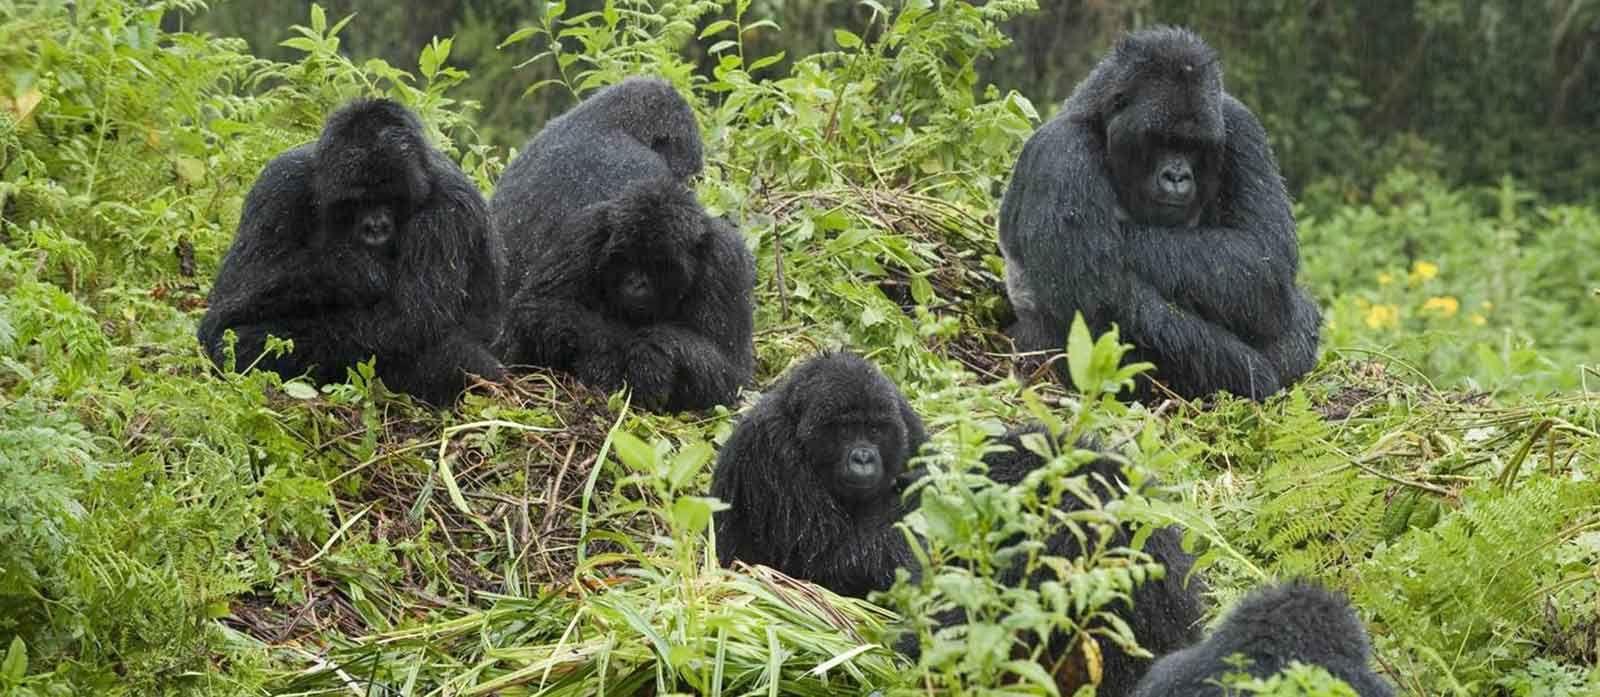 Gorilla's Galore